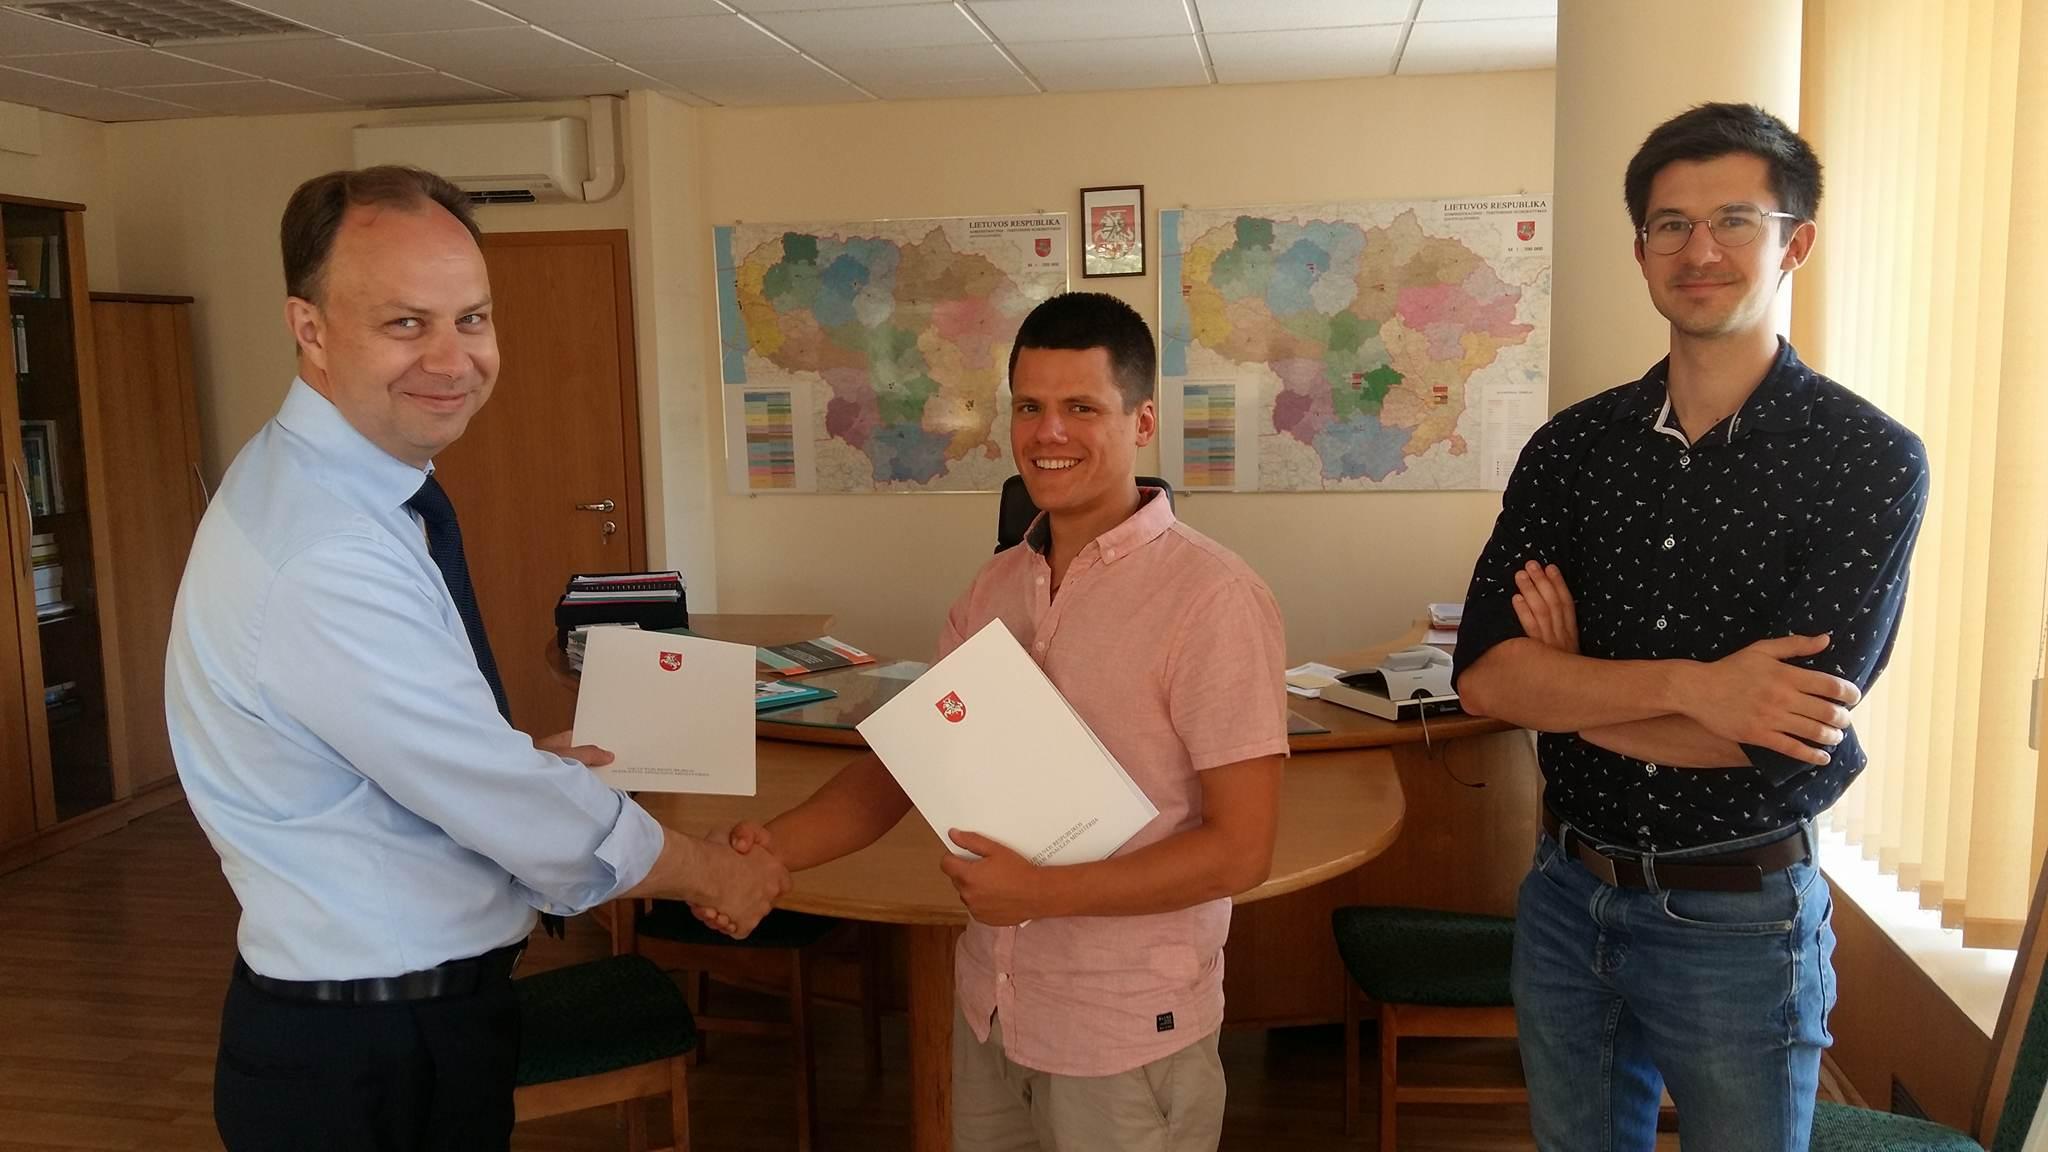 Bendradarbiavimo sutarties pasirašymas